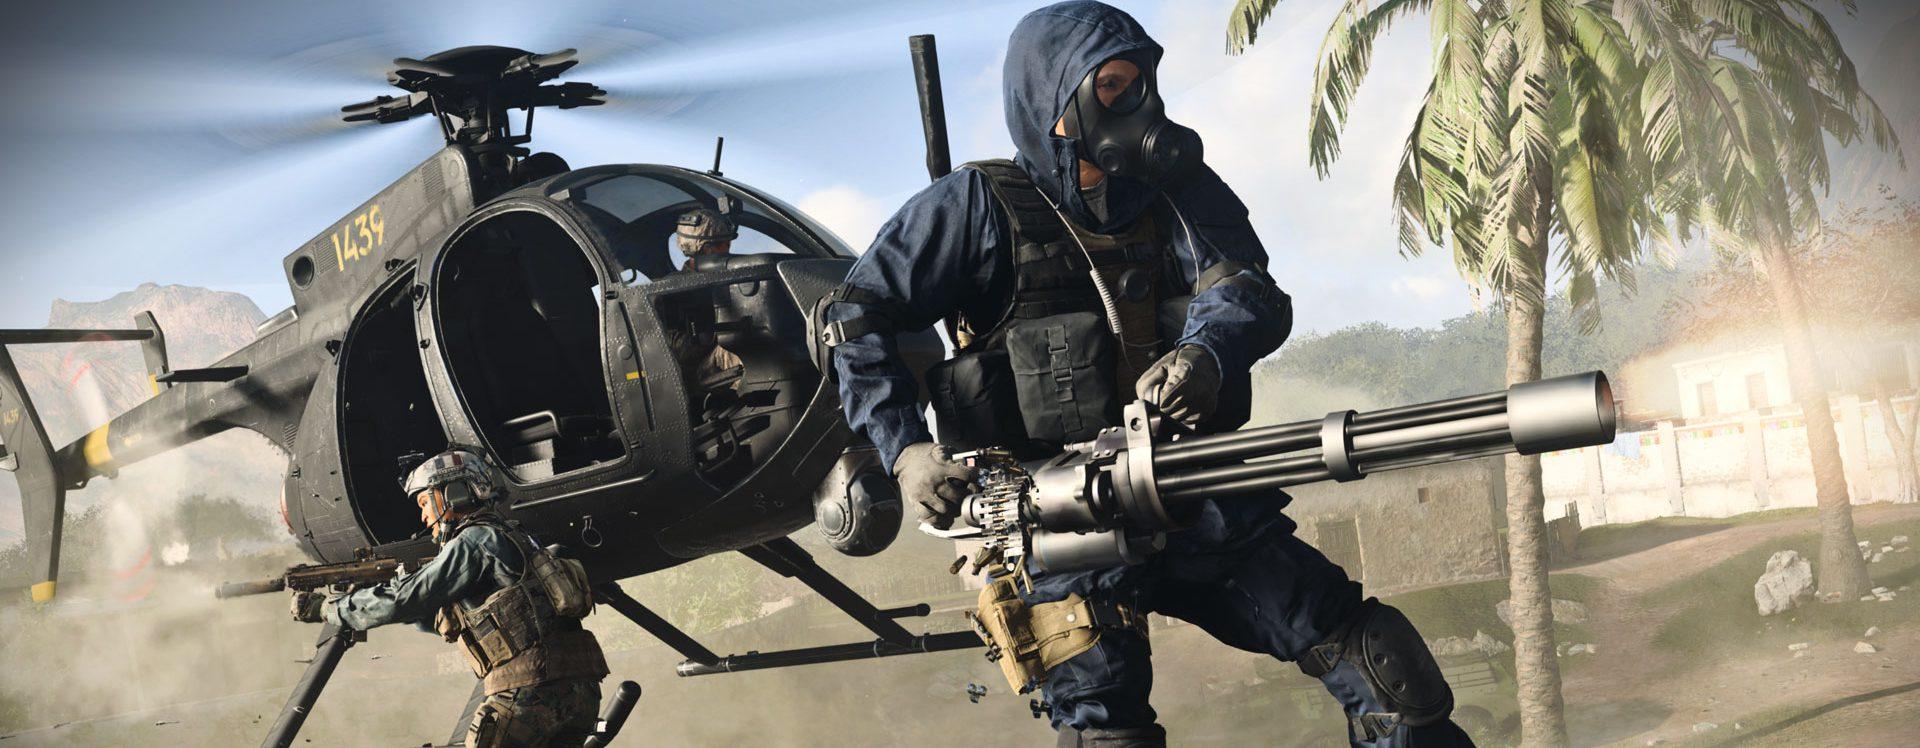 CoD Modern Warfare verlängert Season 1 und bringt neue Waffe